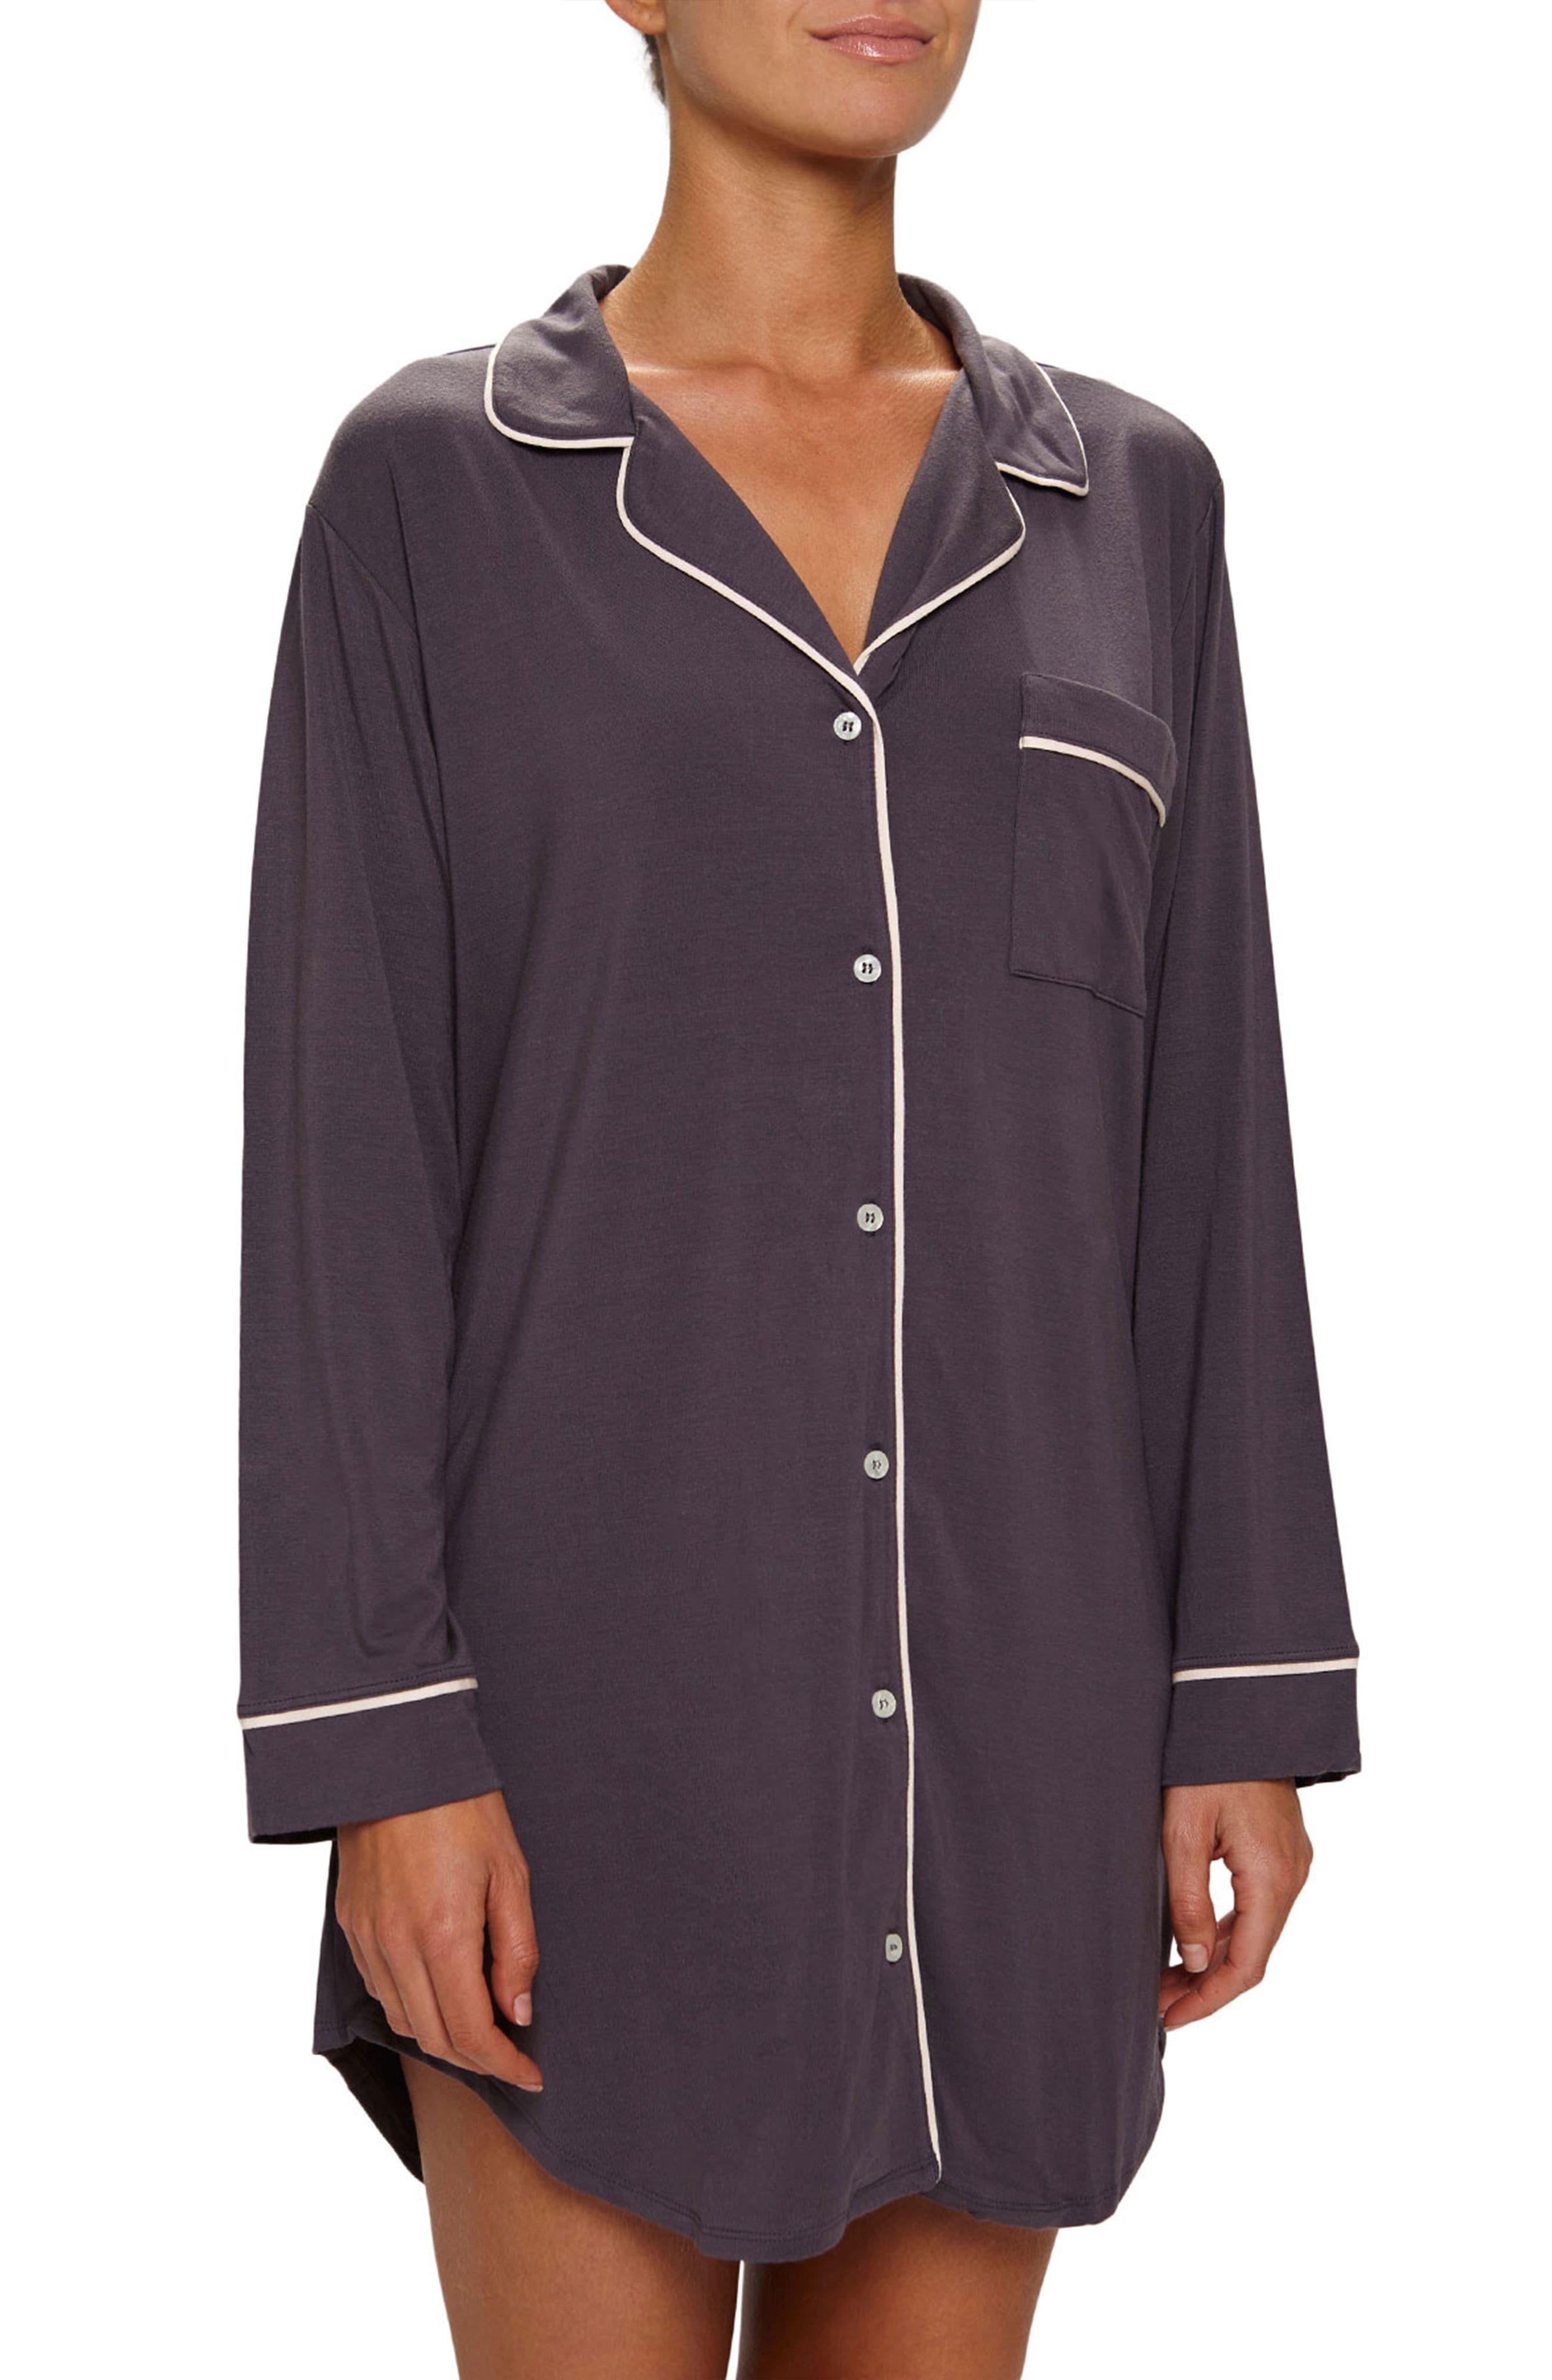 Alternate Image 1 Selected - Eberjey Gisele Stretch Jersey Sleep Shirt